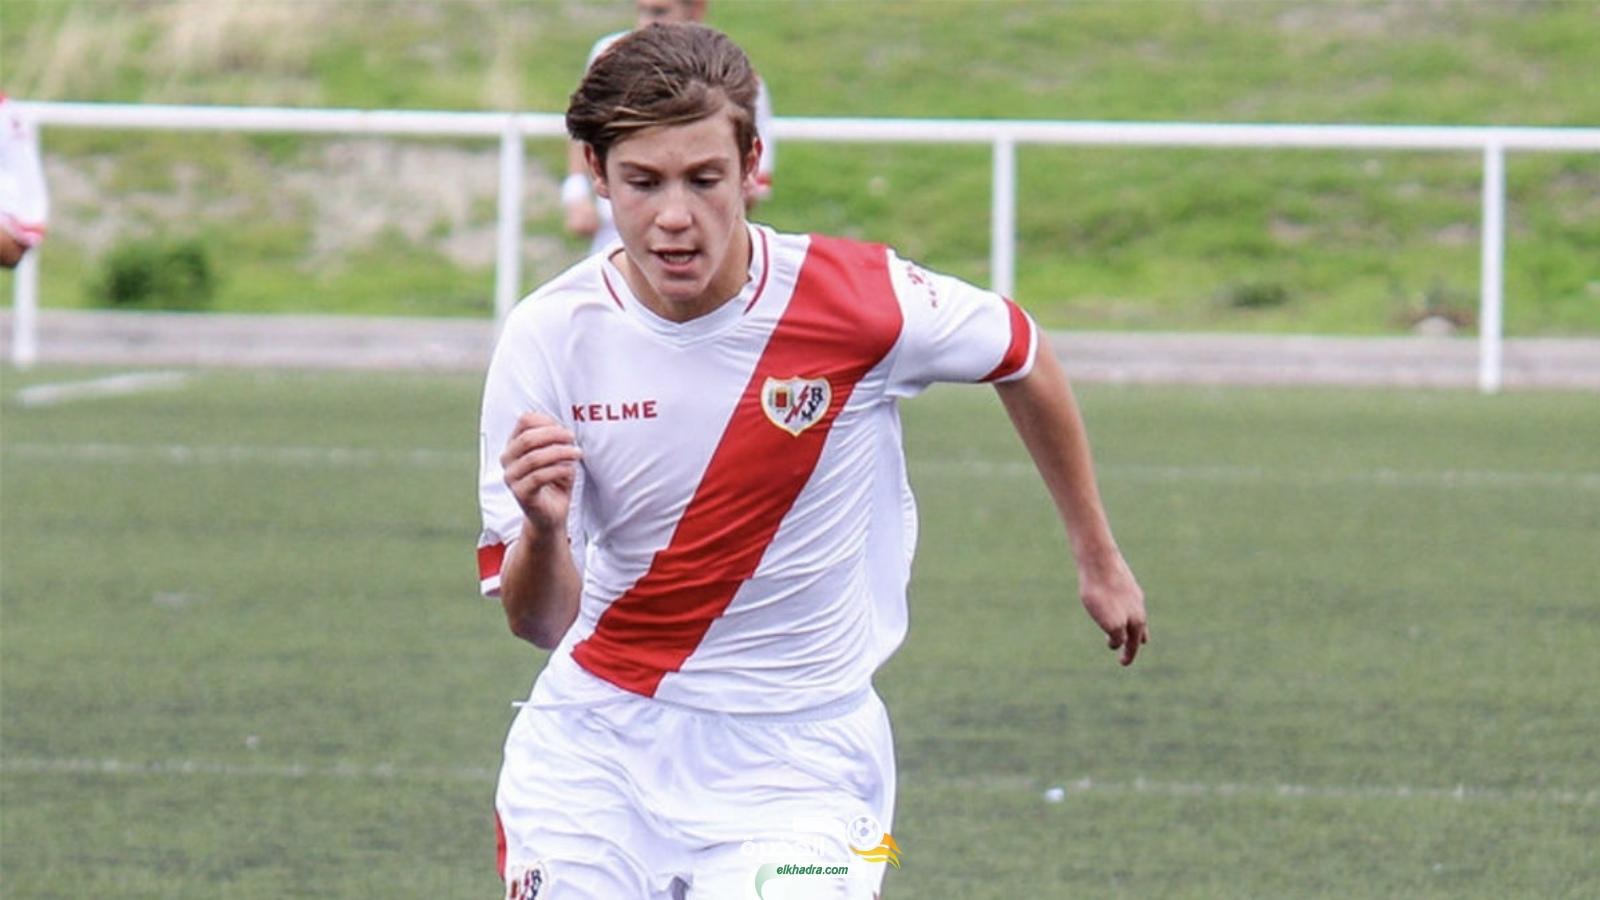 برشلونة يقترب من ضم فابيان لوتزي البالغ من العمر 15 عامًا فقط 28